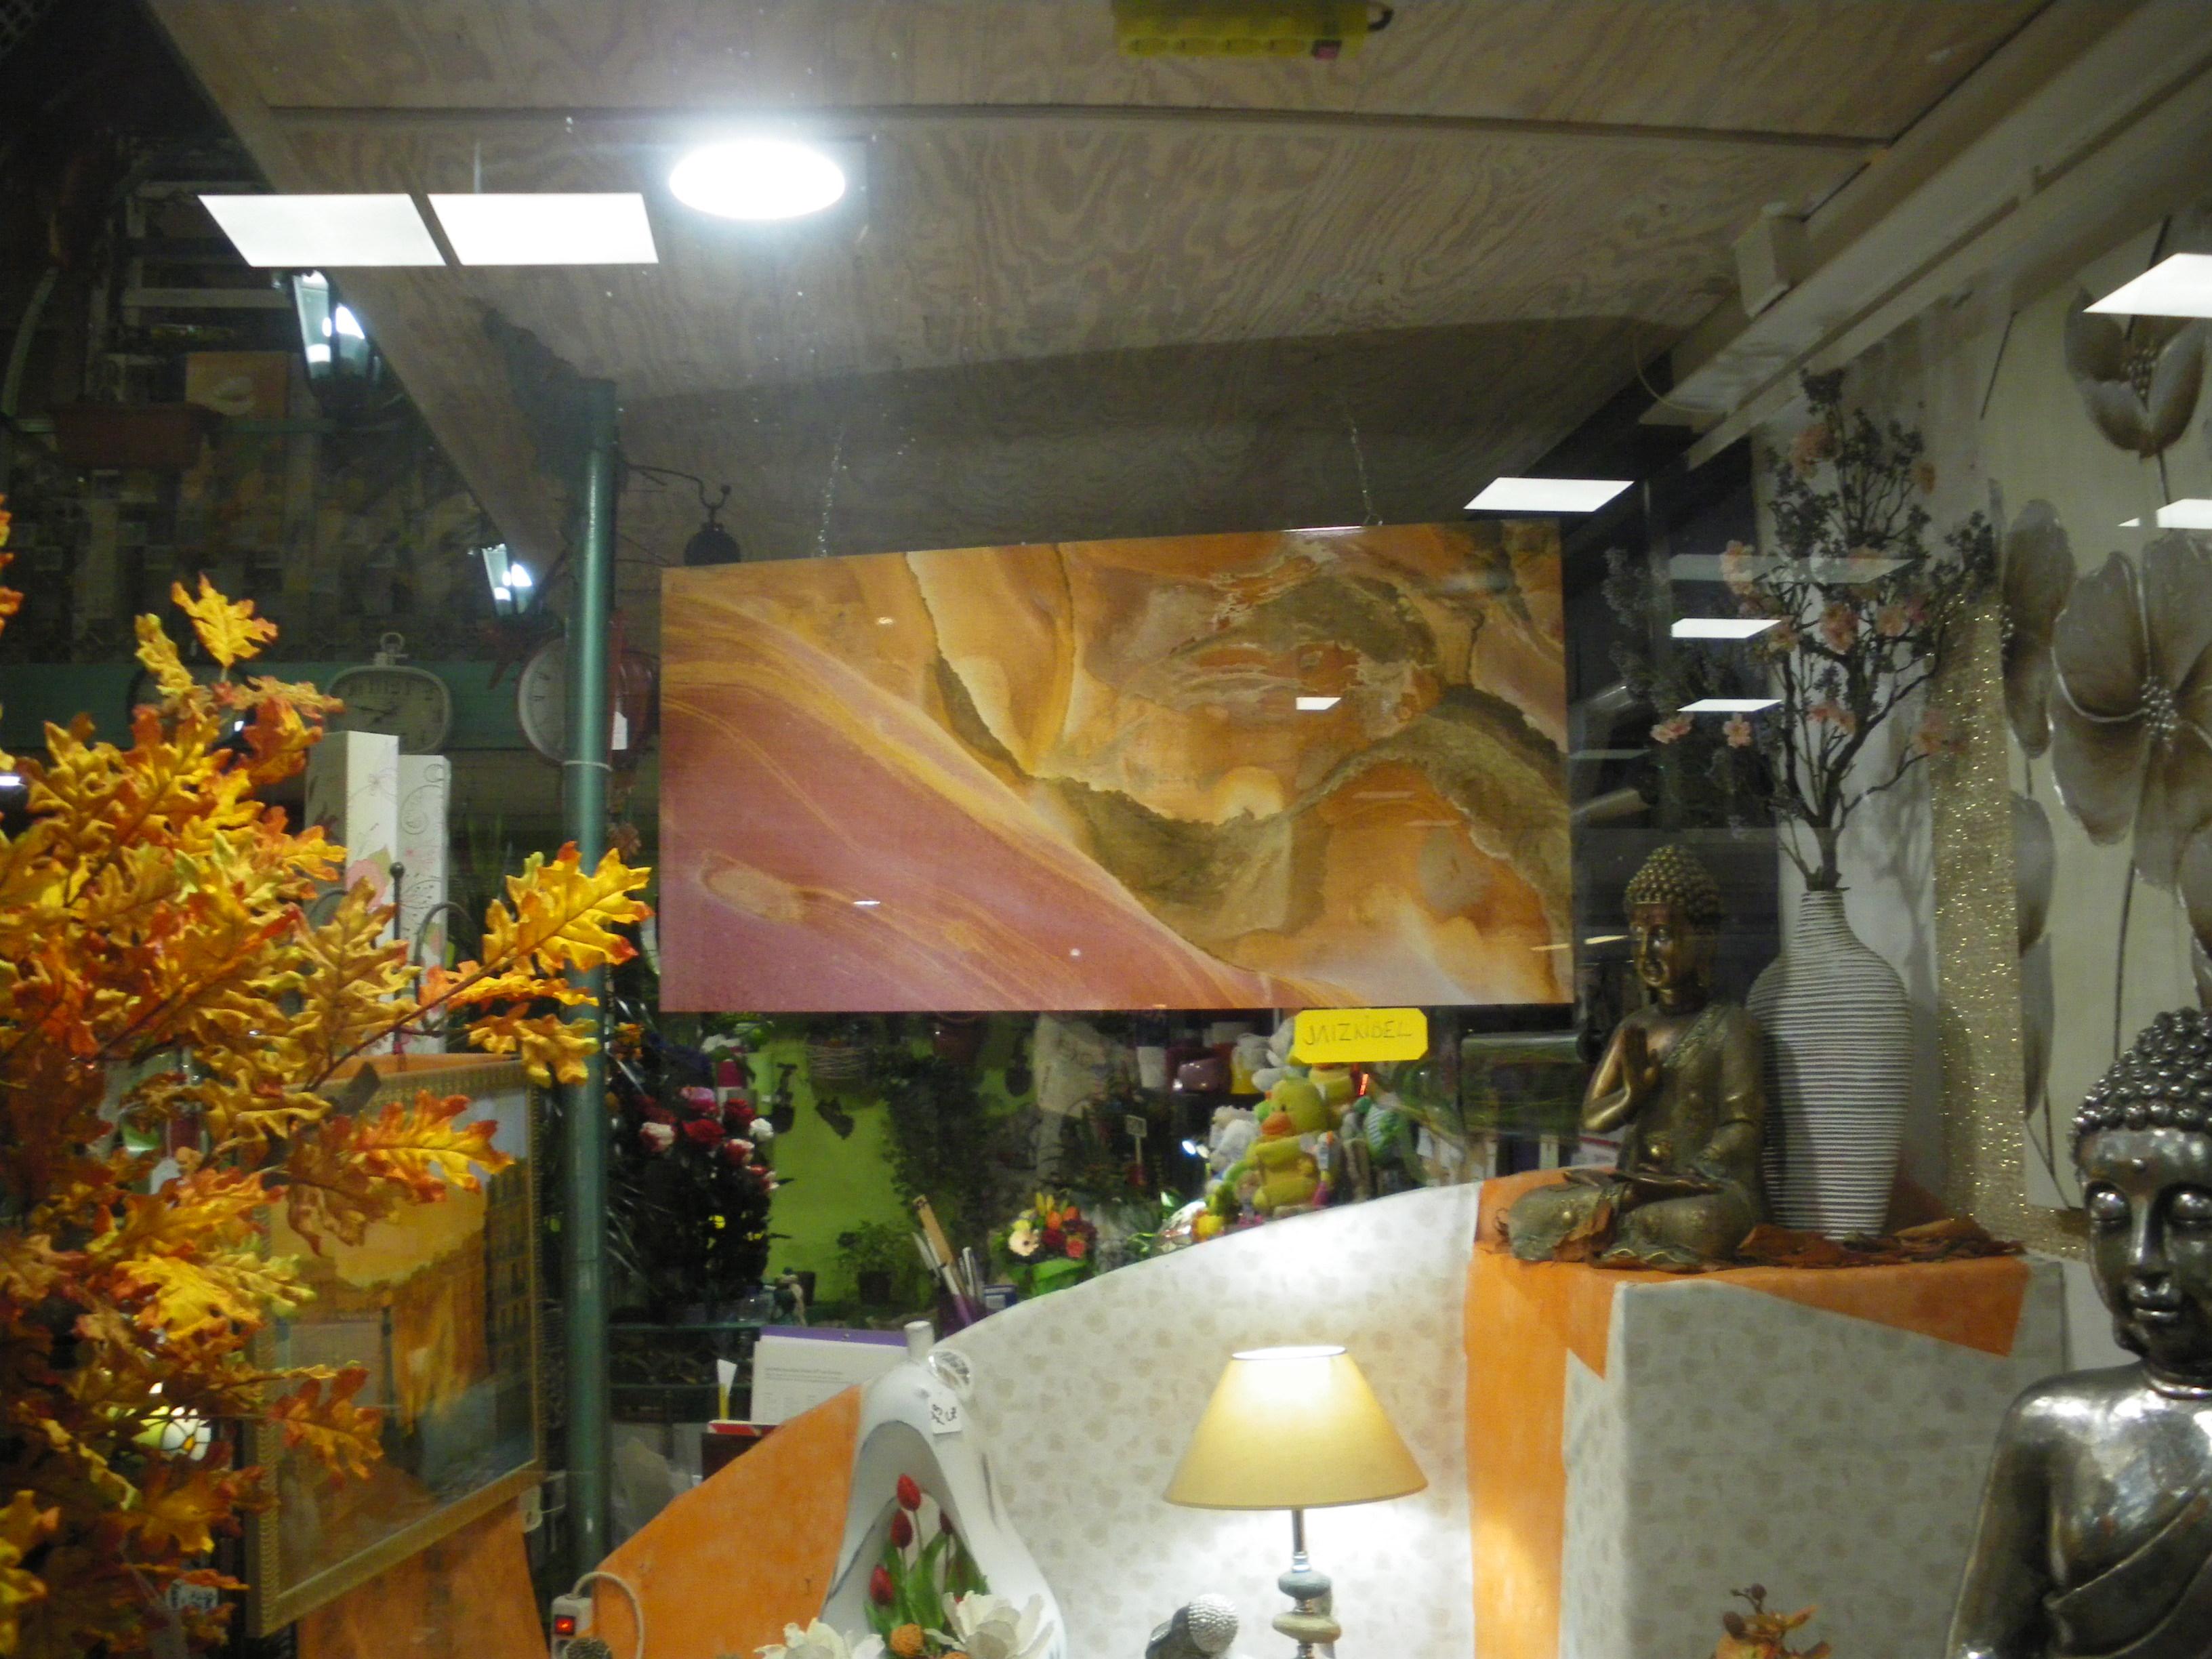 Cuadros de pintura y cuadros pintados por Imanol sobre imágenes fotográficas